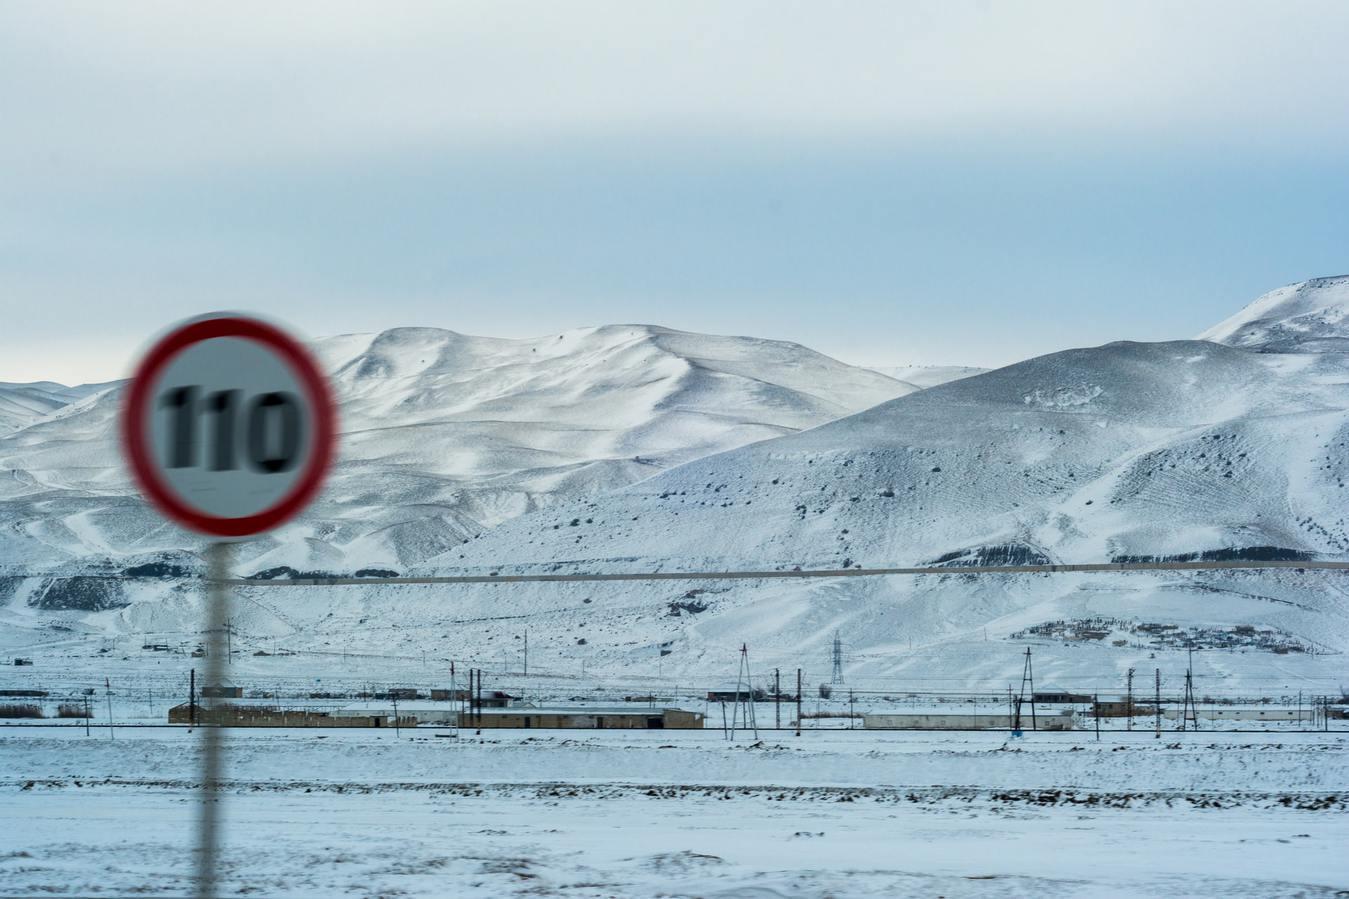 Paisagem com neve e sinal de velocidade desfocado